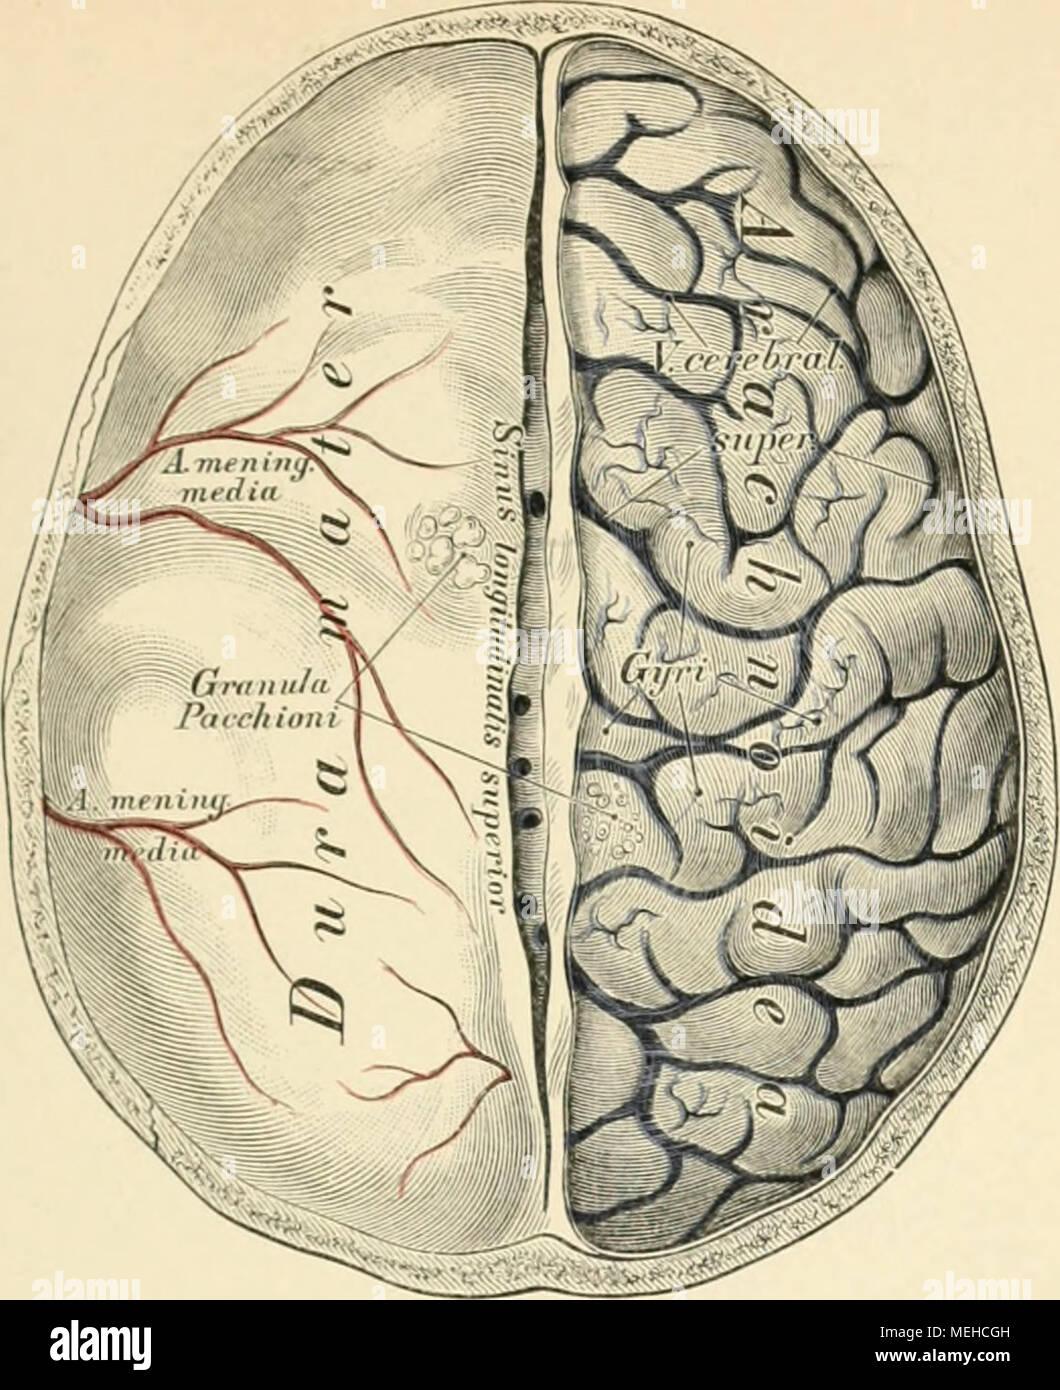 Tolle Anatomie Des Gehirns Wiki Ideen - Menschliche Anatomie Bilder ...